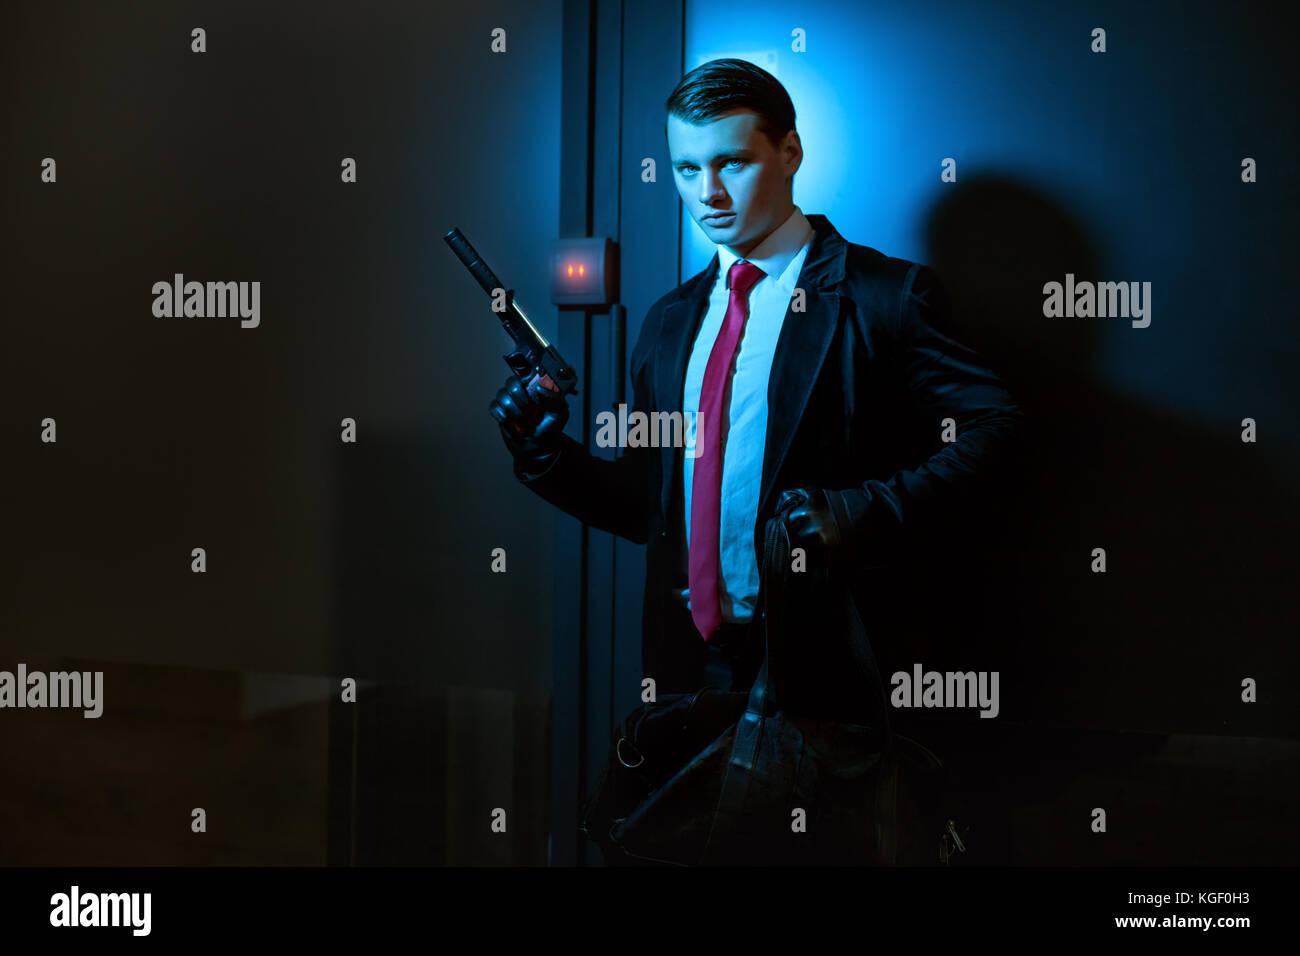 Menschen mit einem Beruf ist ein Mörder, in der Hand eine Pistole mit Schalldämpfer. Stockbild